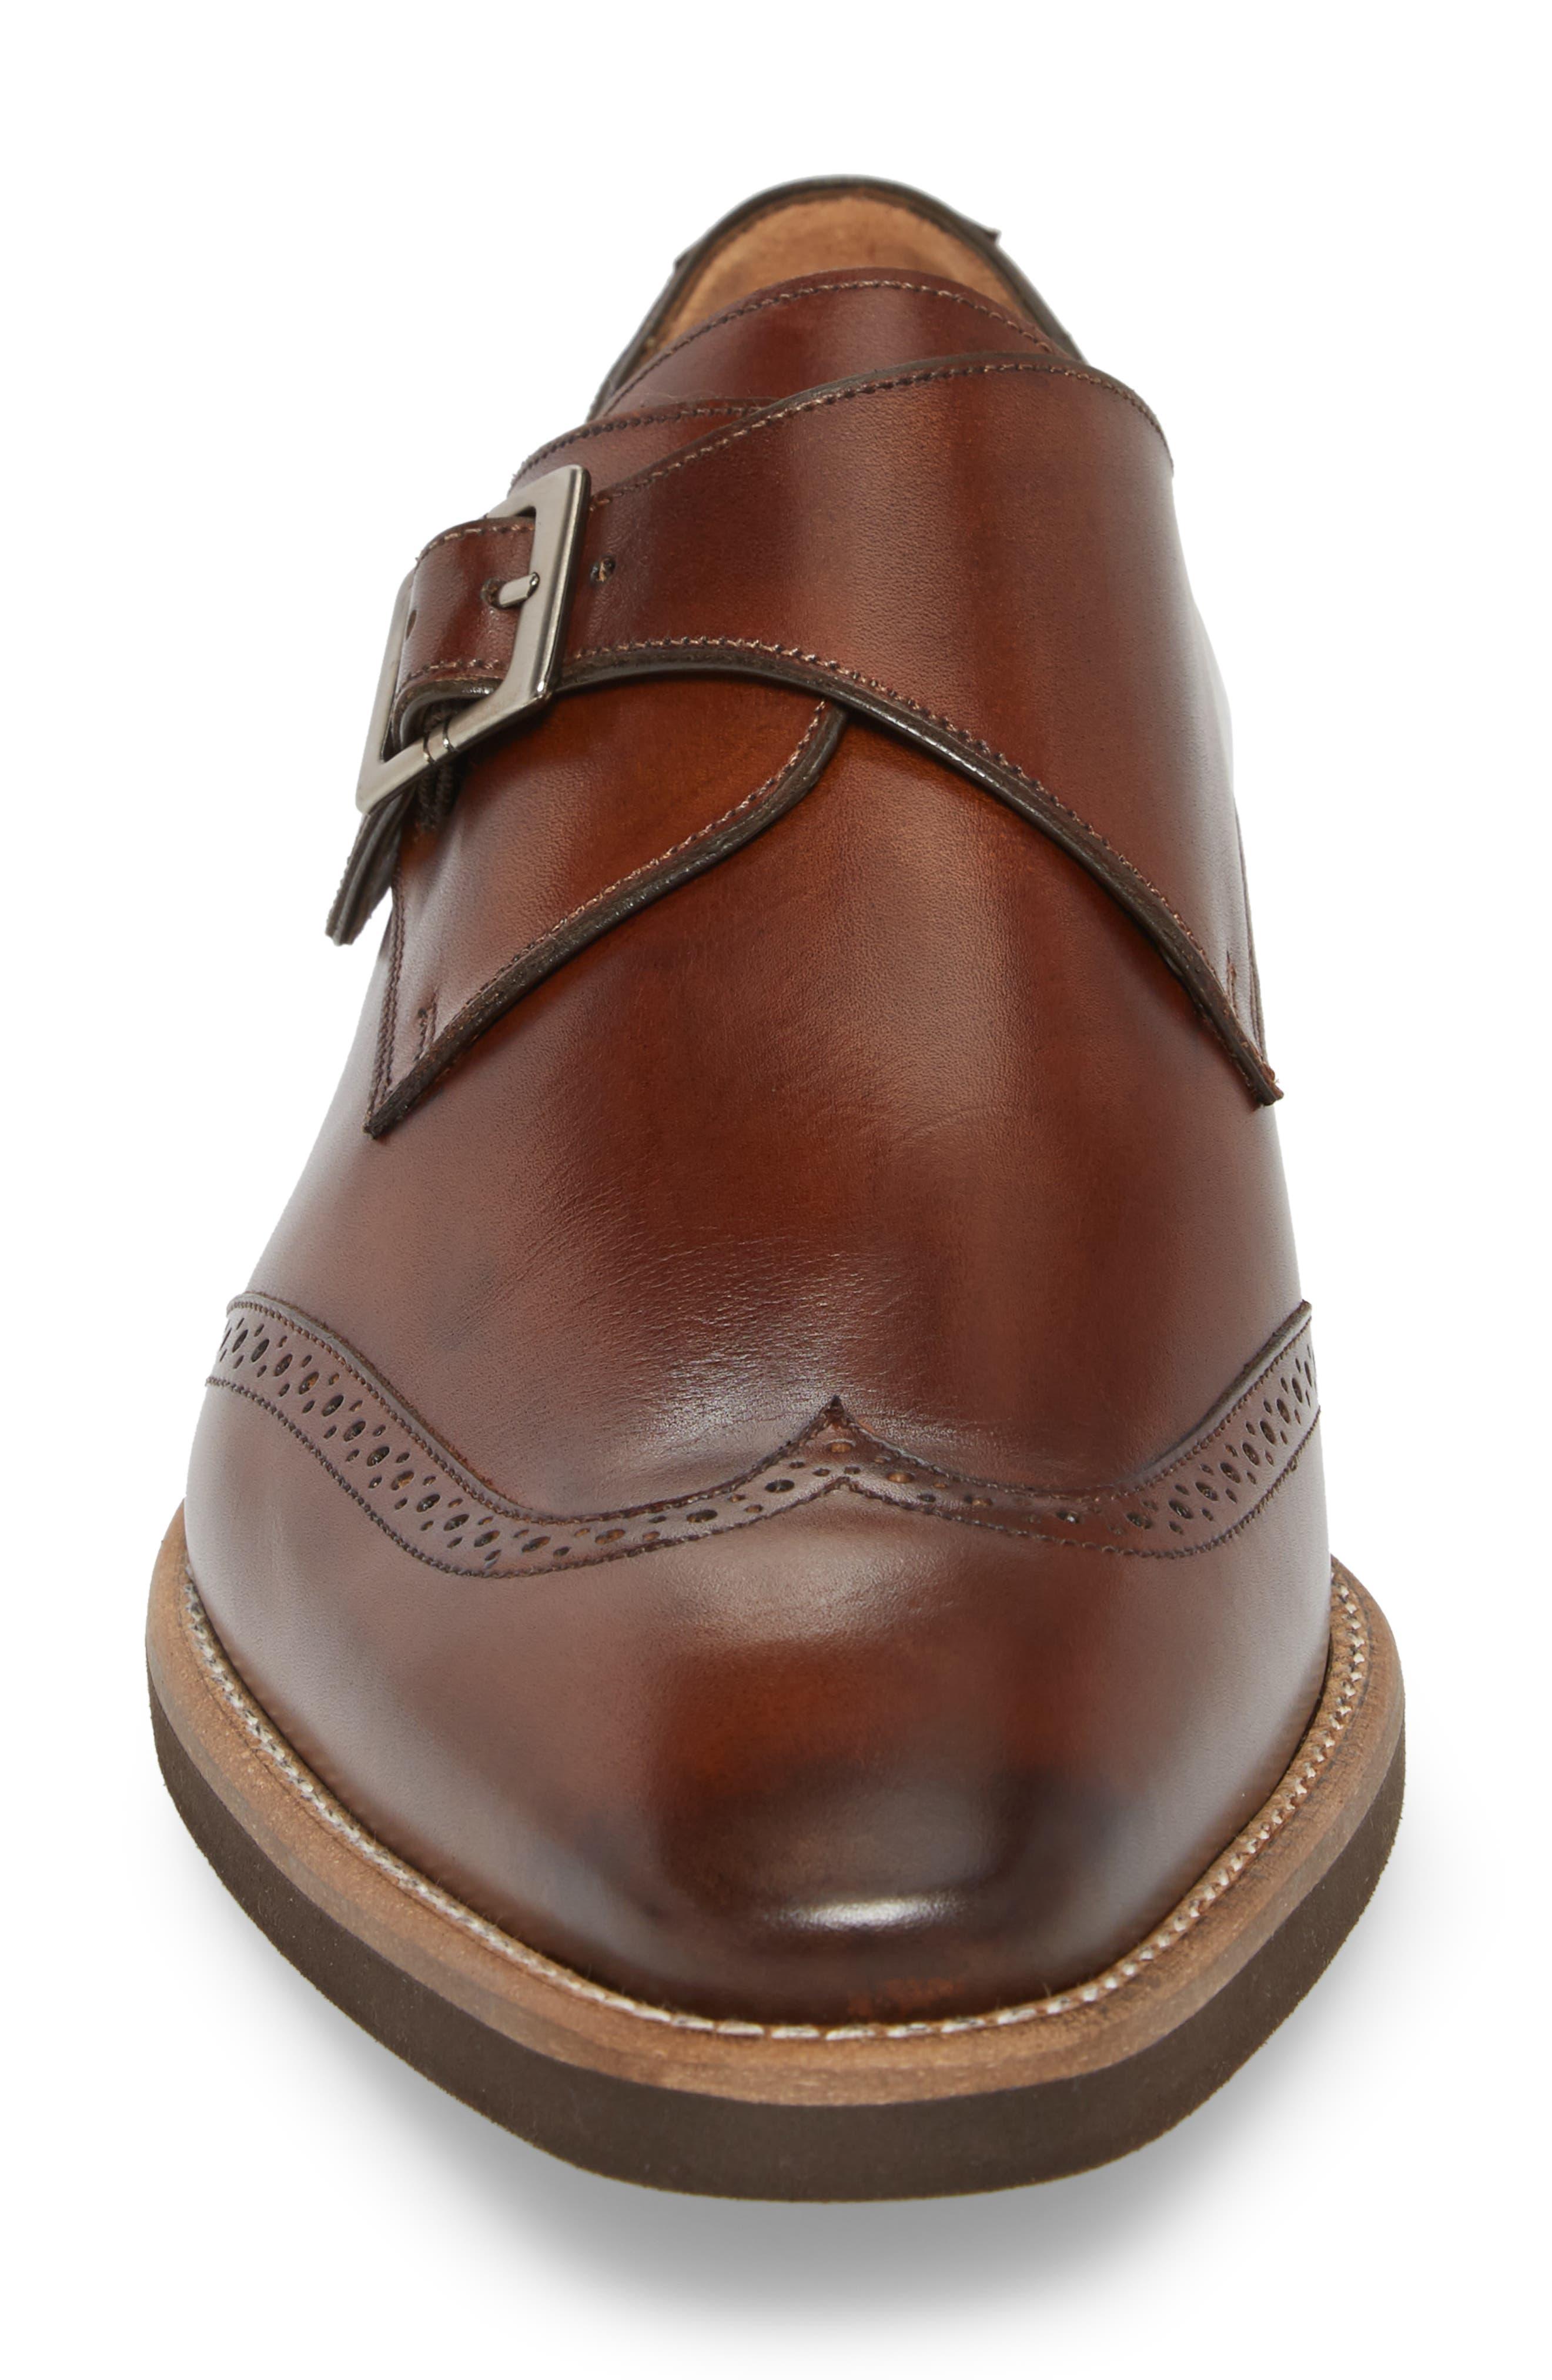 MEZLAN, Feresta Wingtip Monk Shoe, Alternate thumbnail 4, color, COGNAC